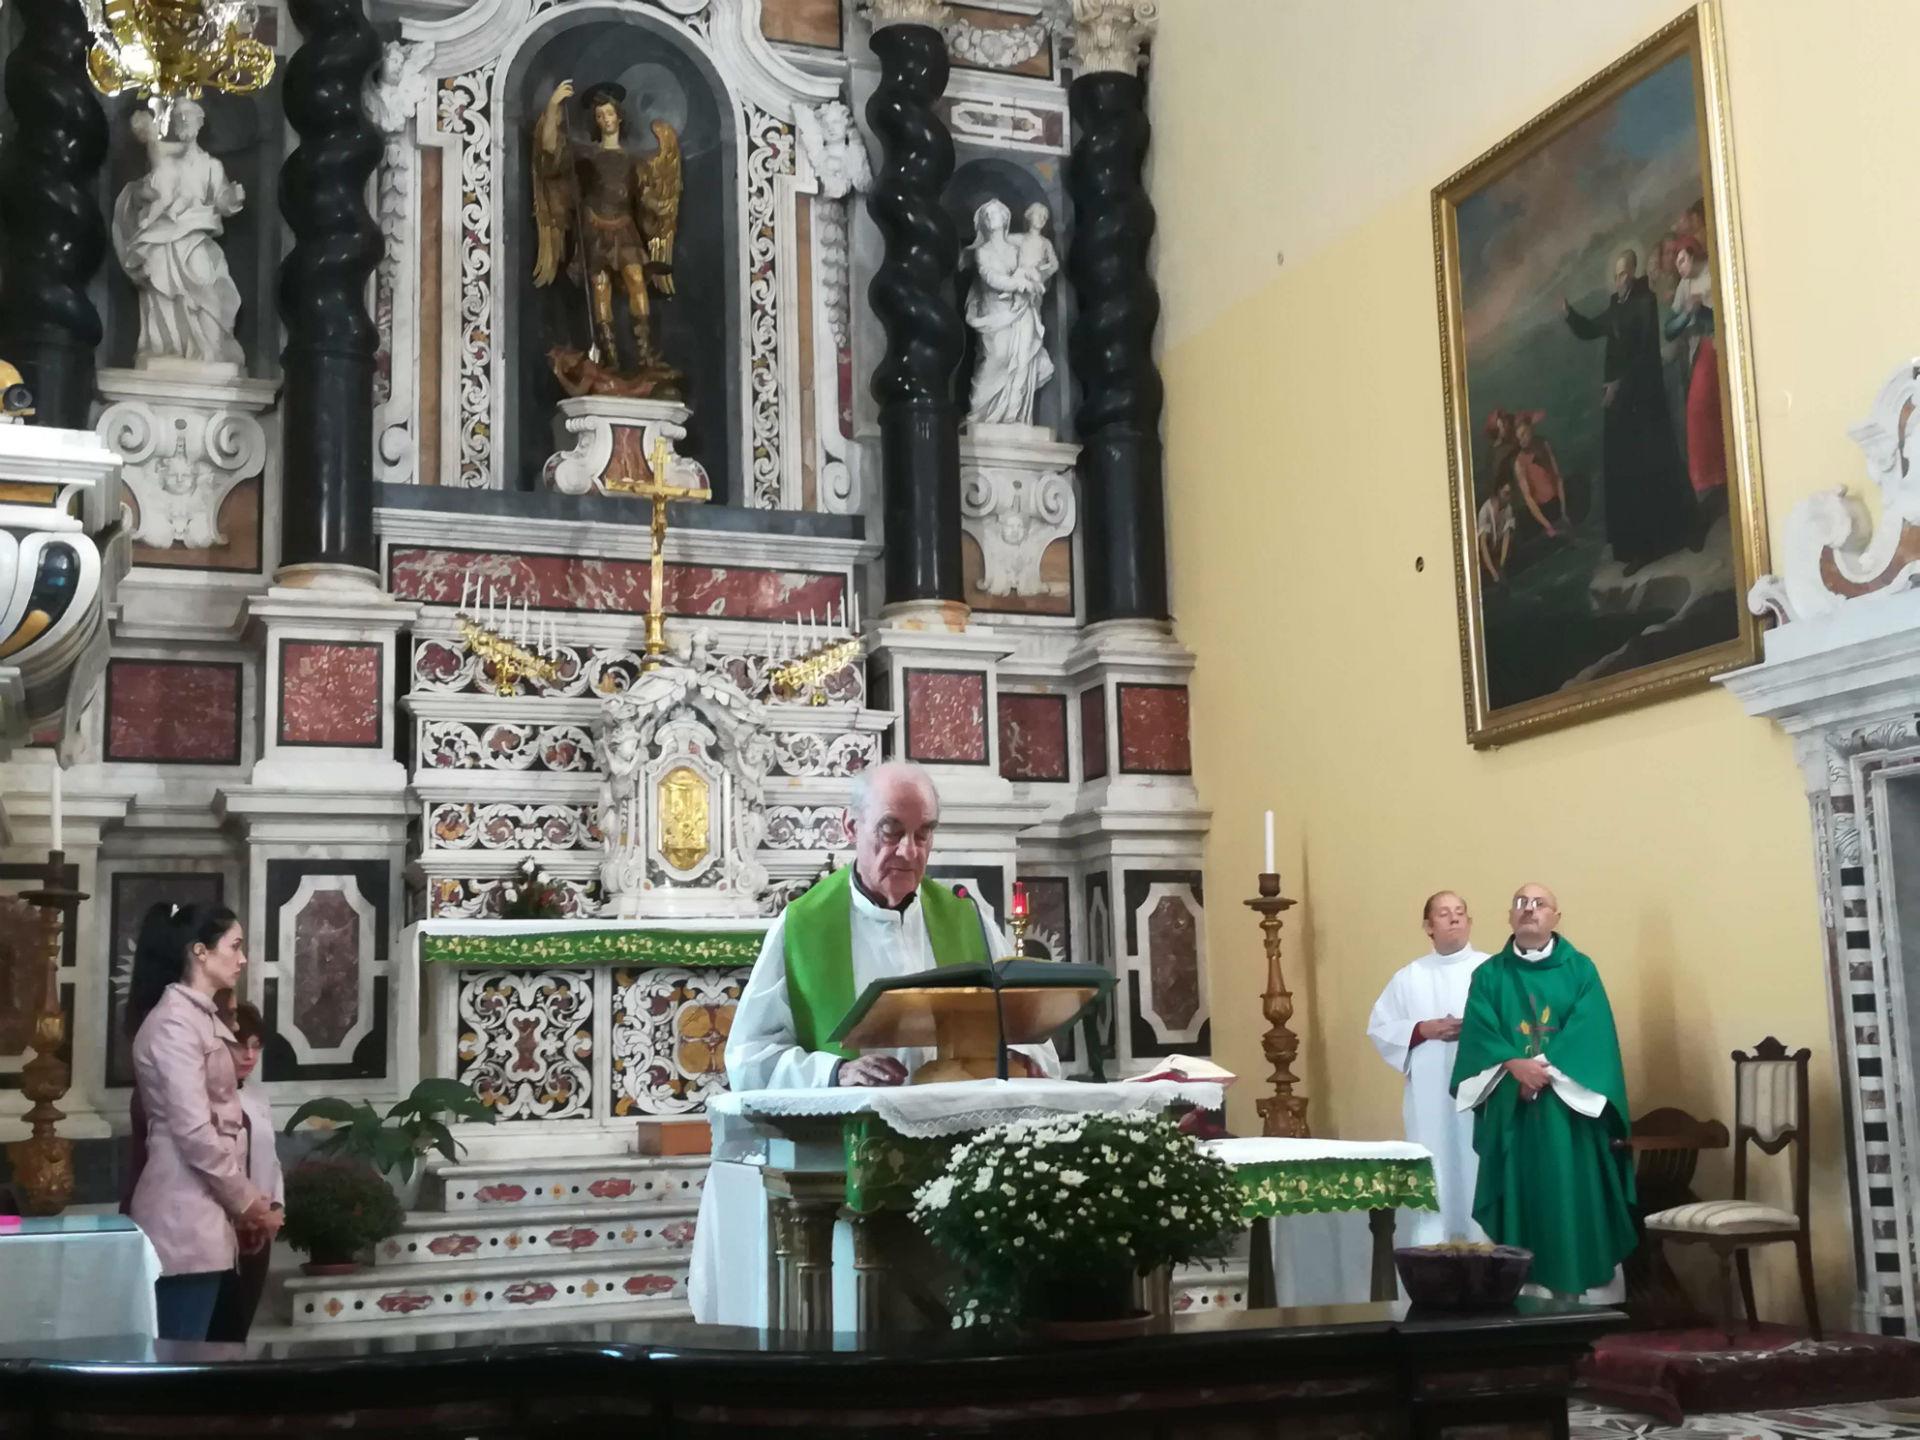 Messa celebrata da padre Deidda presso la chiesa di san Michele a Cagliari